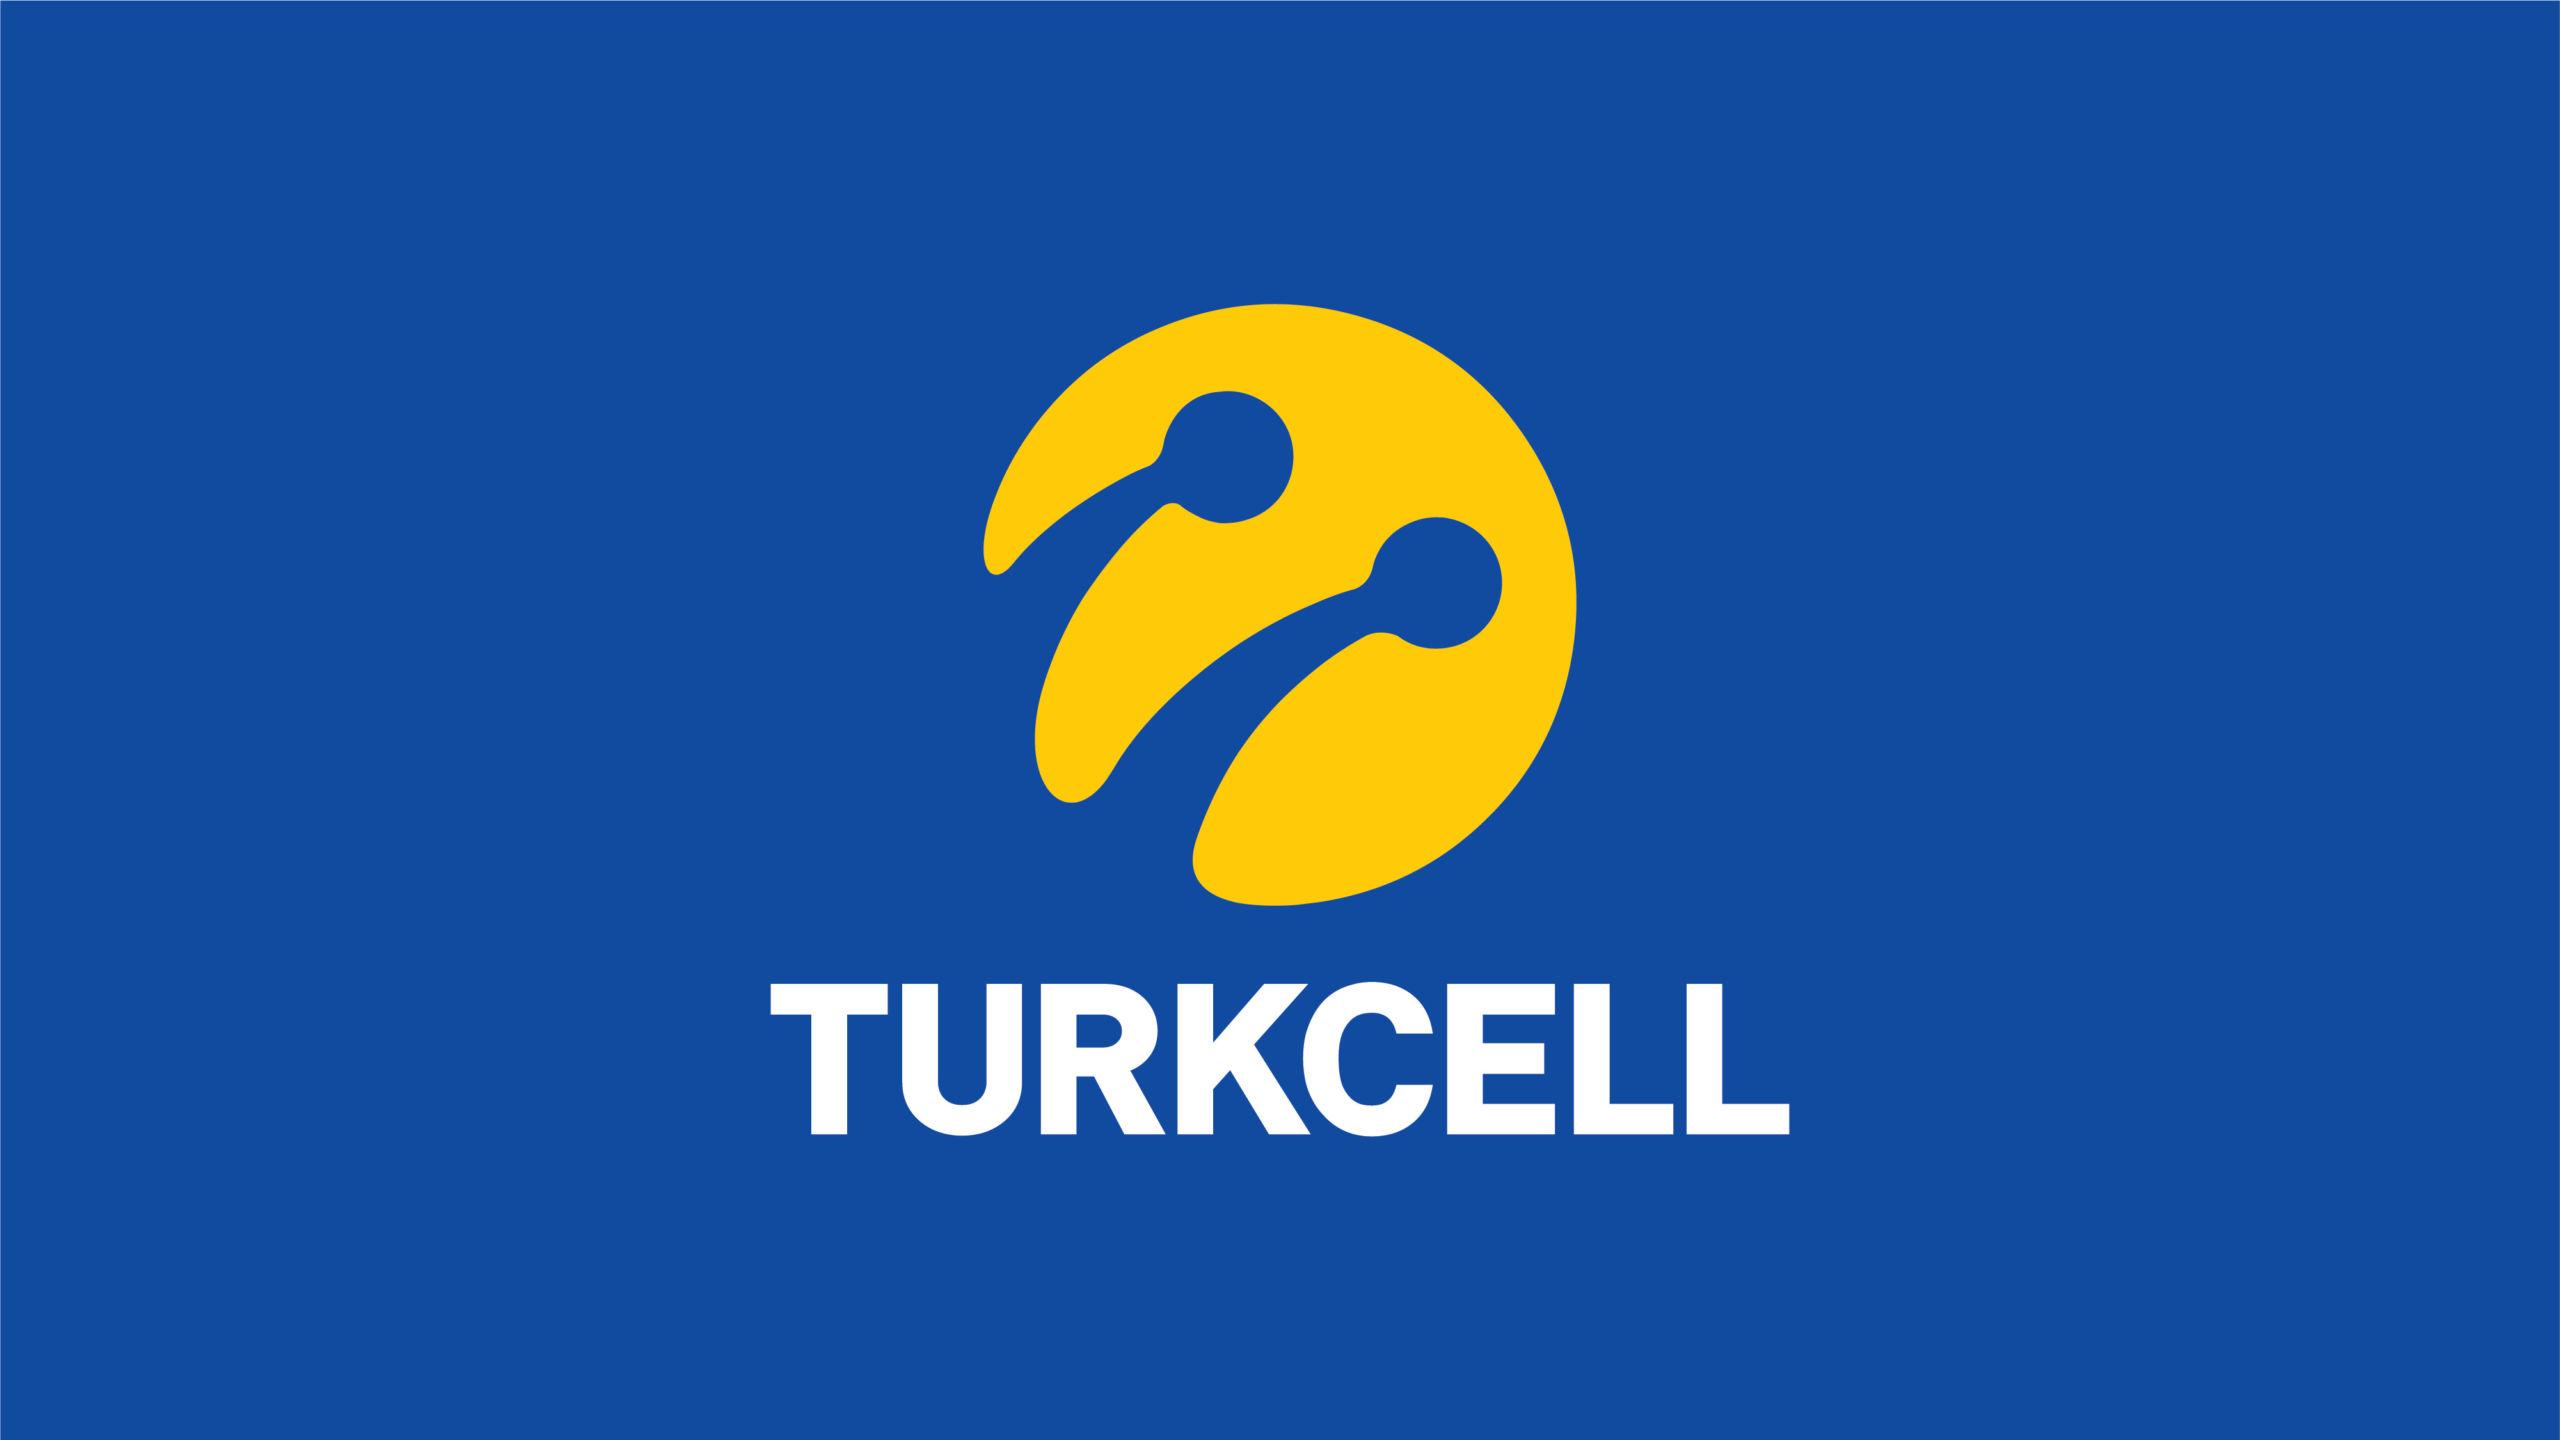 Ikasgaiak 400 mila etxeetan irakatsi ziren Turkcell-en aldearekin!